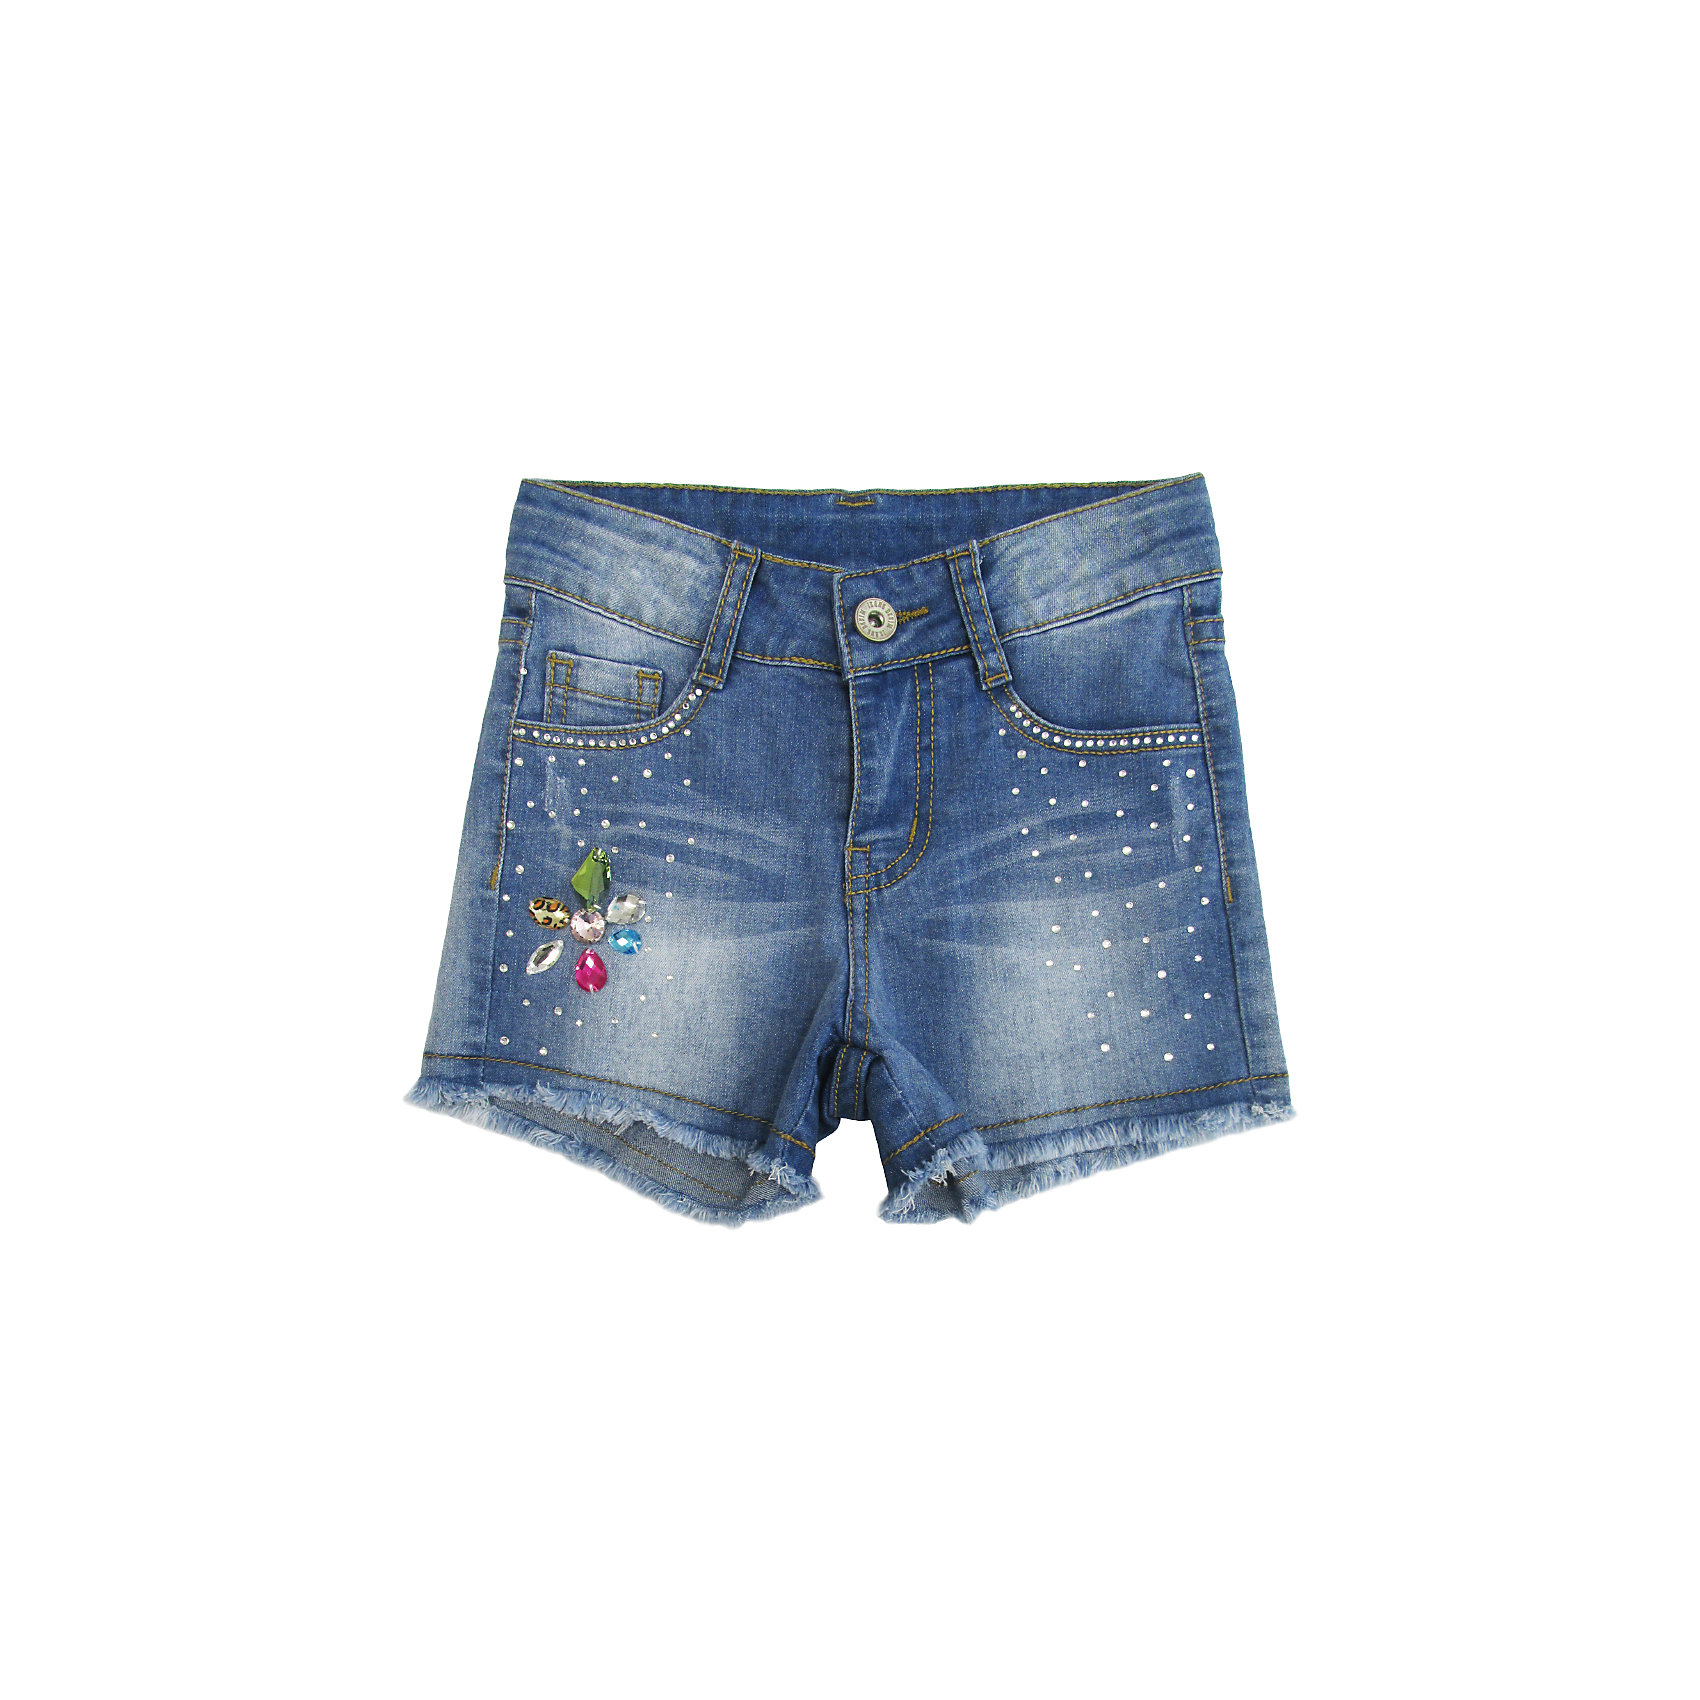 Шорты джинсовые для девочки Sweet BerryДжинсовая одежда<br>Джинсовые шорты для девочки. Декорированы яркой аппликацией и стразами. Застегиваются на молнию и пуговицу.   В боковой части пояса находятся вшитые эластичные ленты, регулирующие посадку по талии.<br>Состав:<br>98%хлопок 2%эластан<br><br>Ширина мм: 191<br>Глубина мм: 10<br>Высота мм: 175<br>Вес г: 273<br>Цвет: голубой<br>Возраст от месяцев: 24<br>Возраст до месяцев: 36<br>Пол: Женский<br>Возраст: Детский<br>Размер: 98,104,128,122,116,110<br>SKU: 5412724